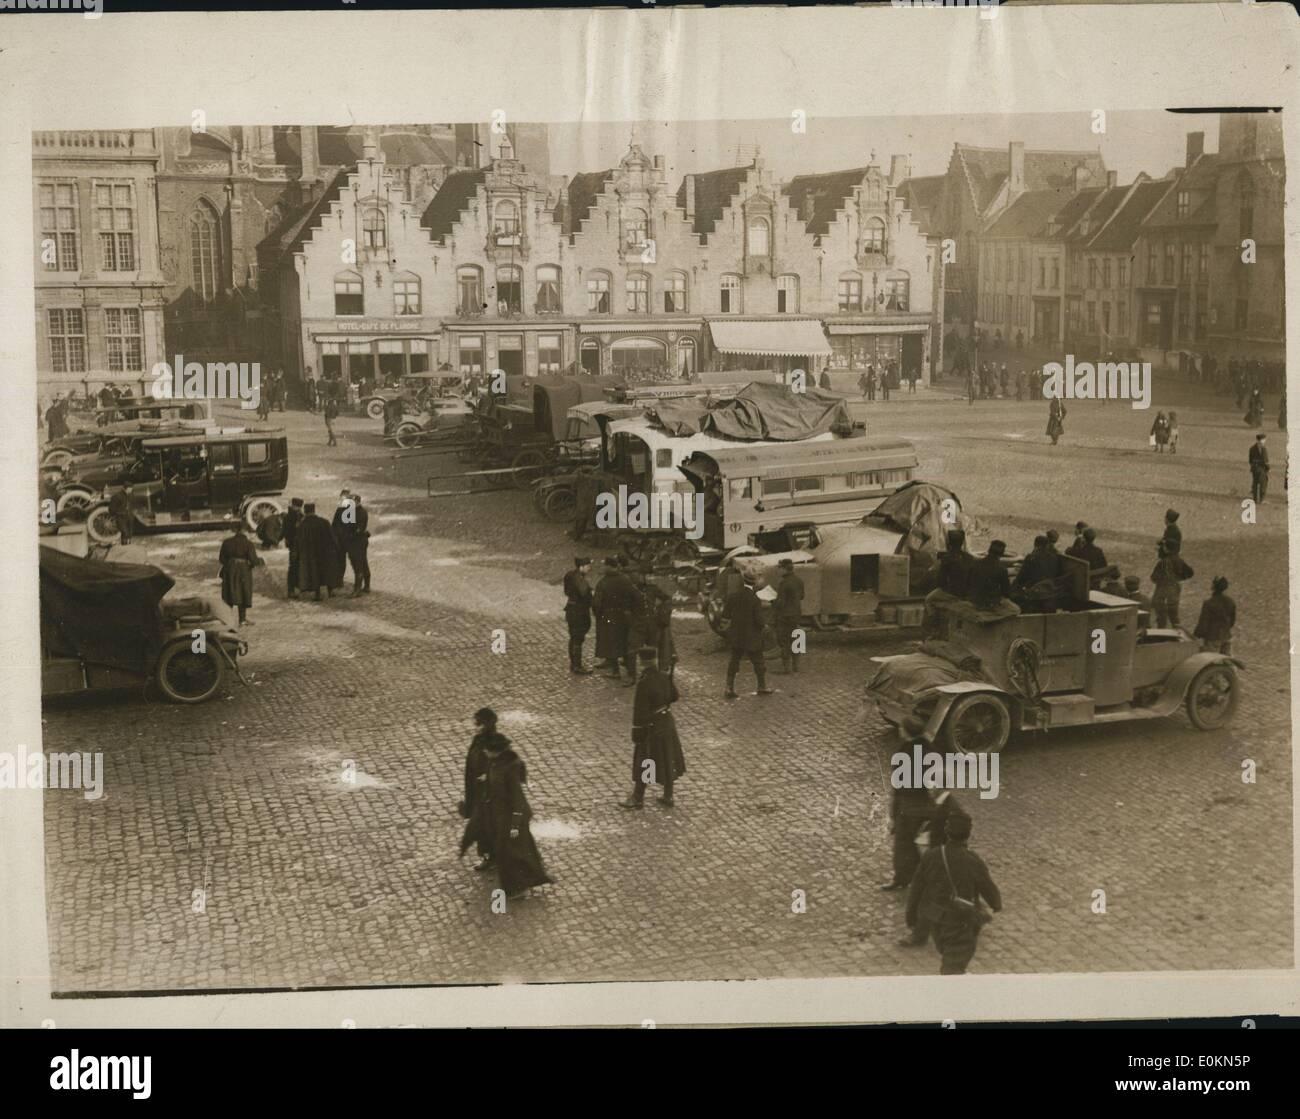 Great War Imágenes De Stock & Great War Fotos De Stock - Alamy